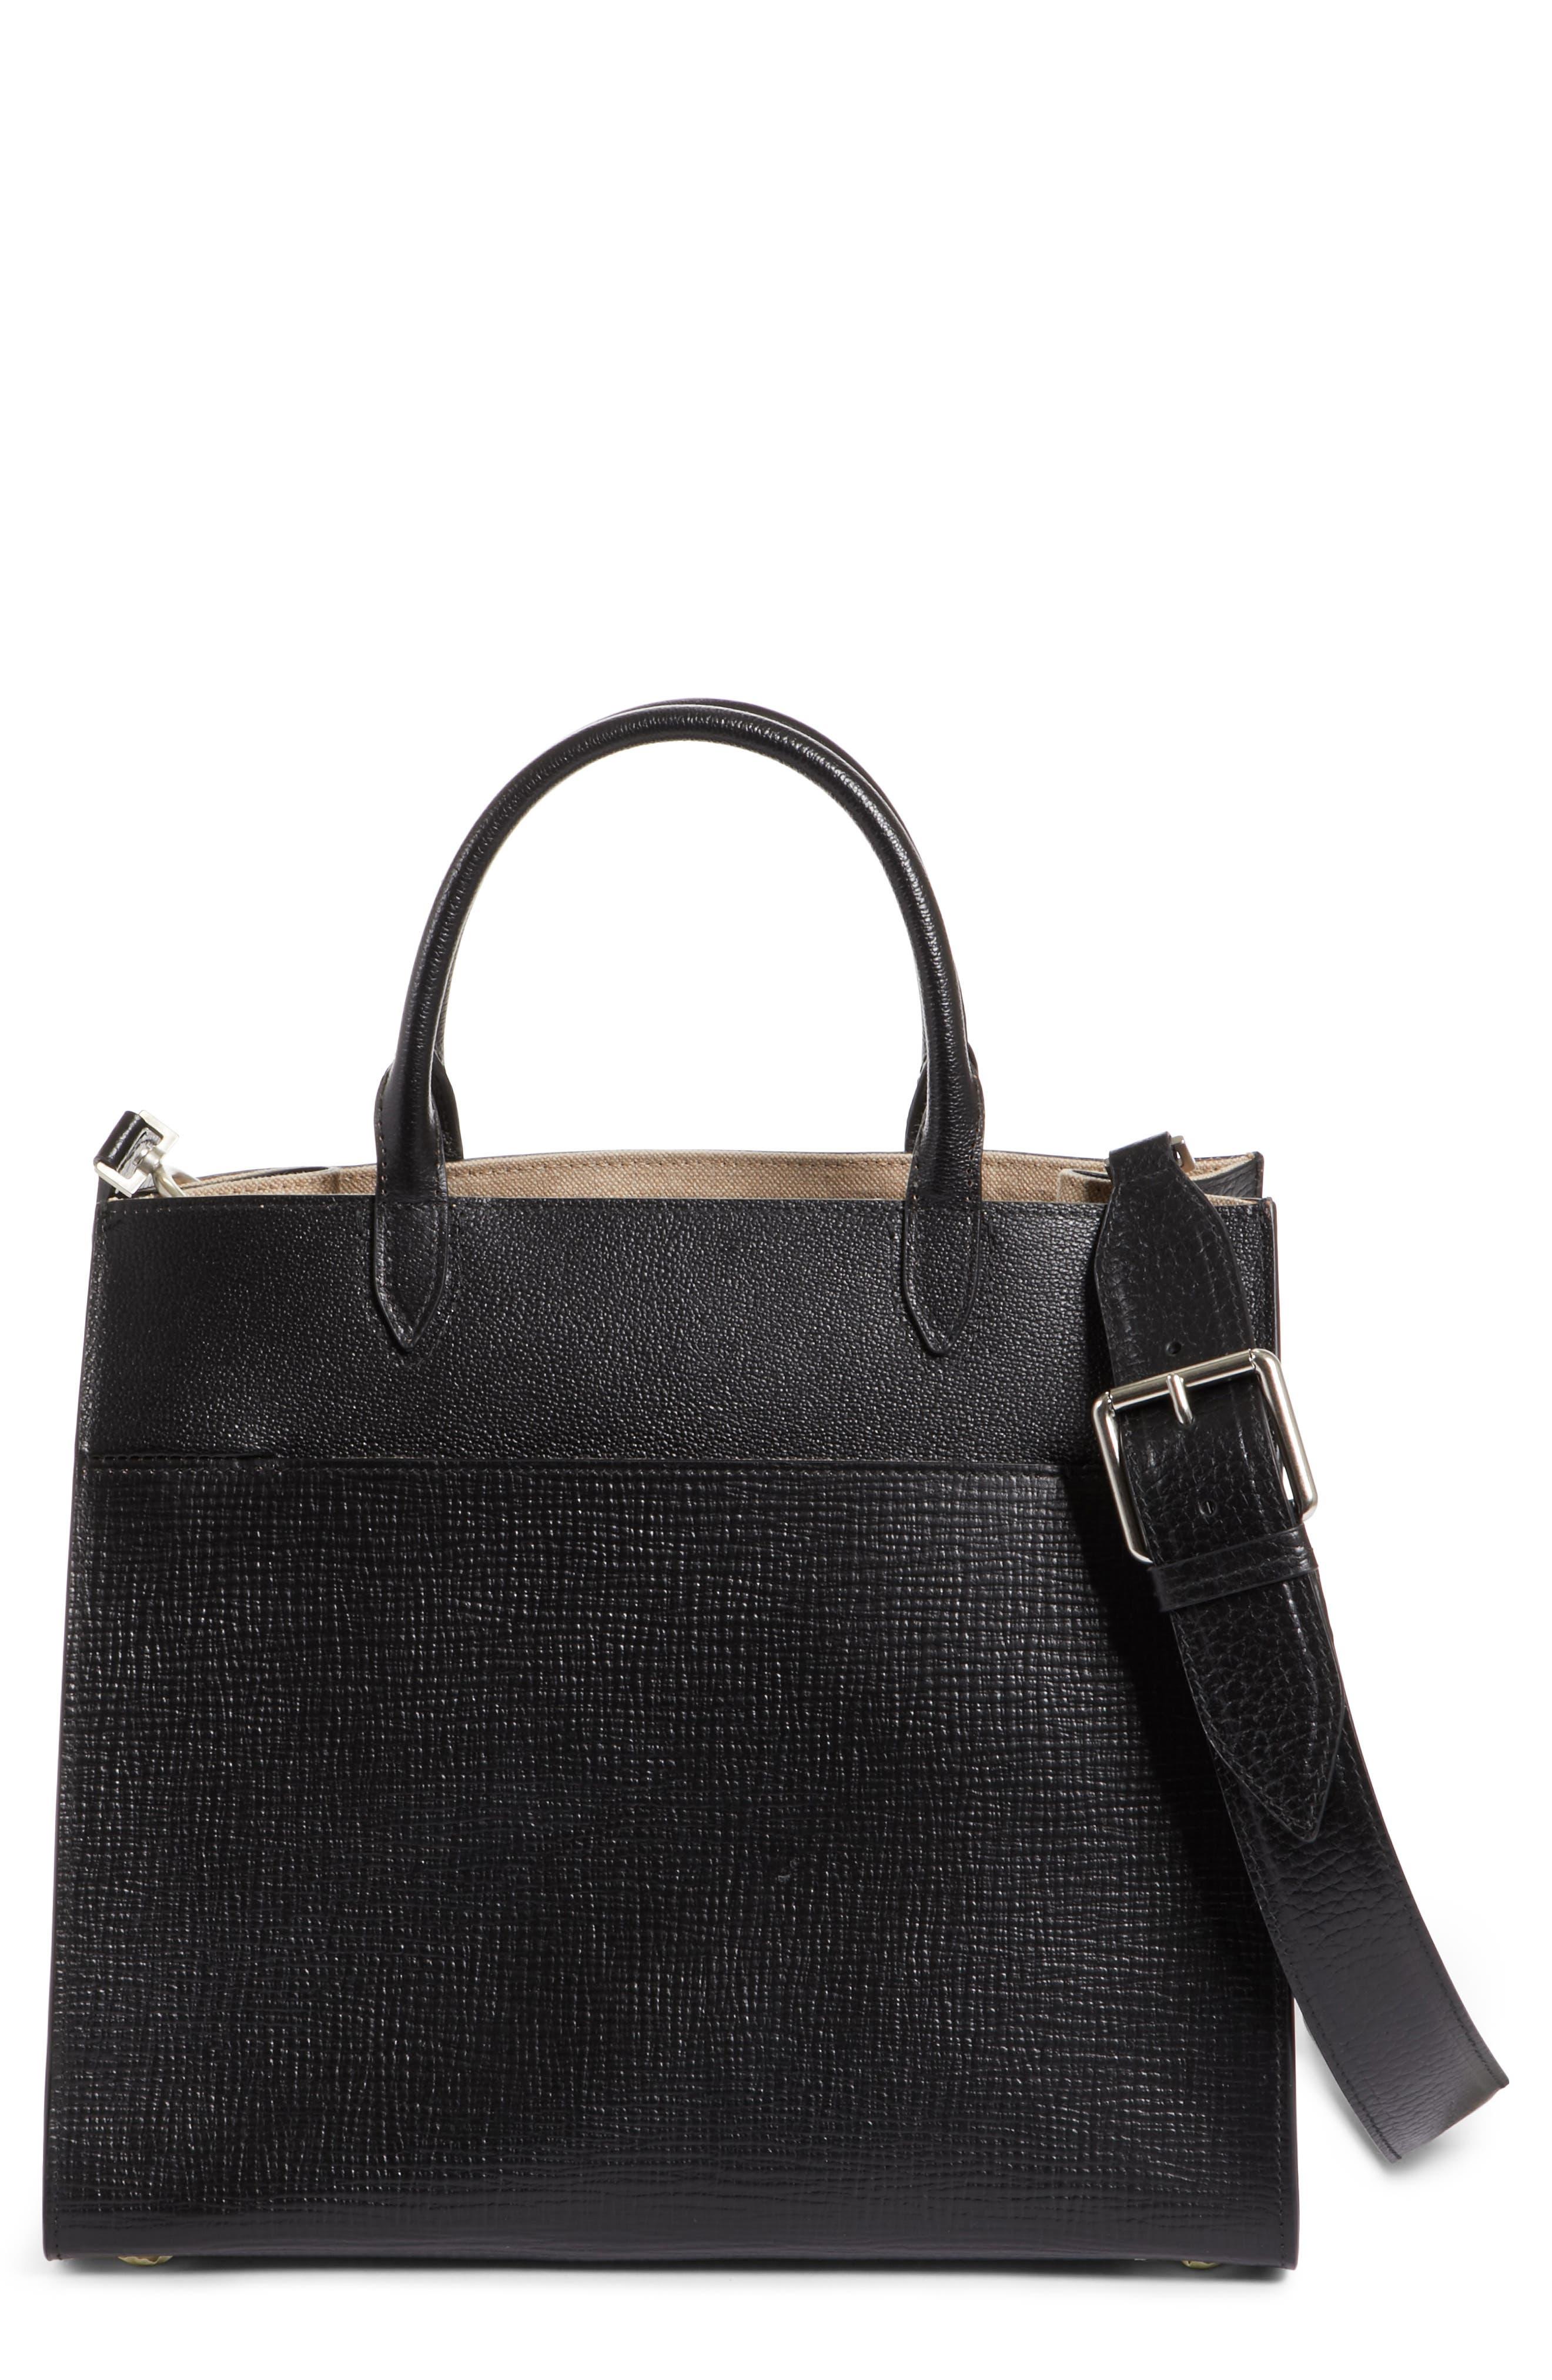 Maison Margiela Bonded Leather Satchel